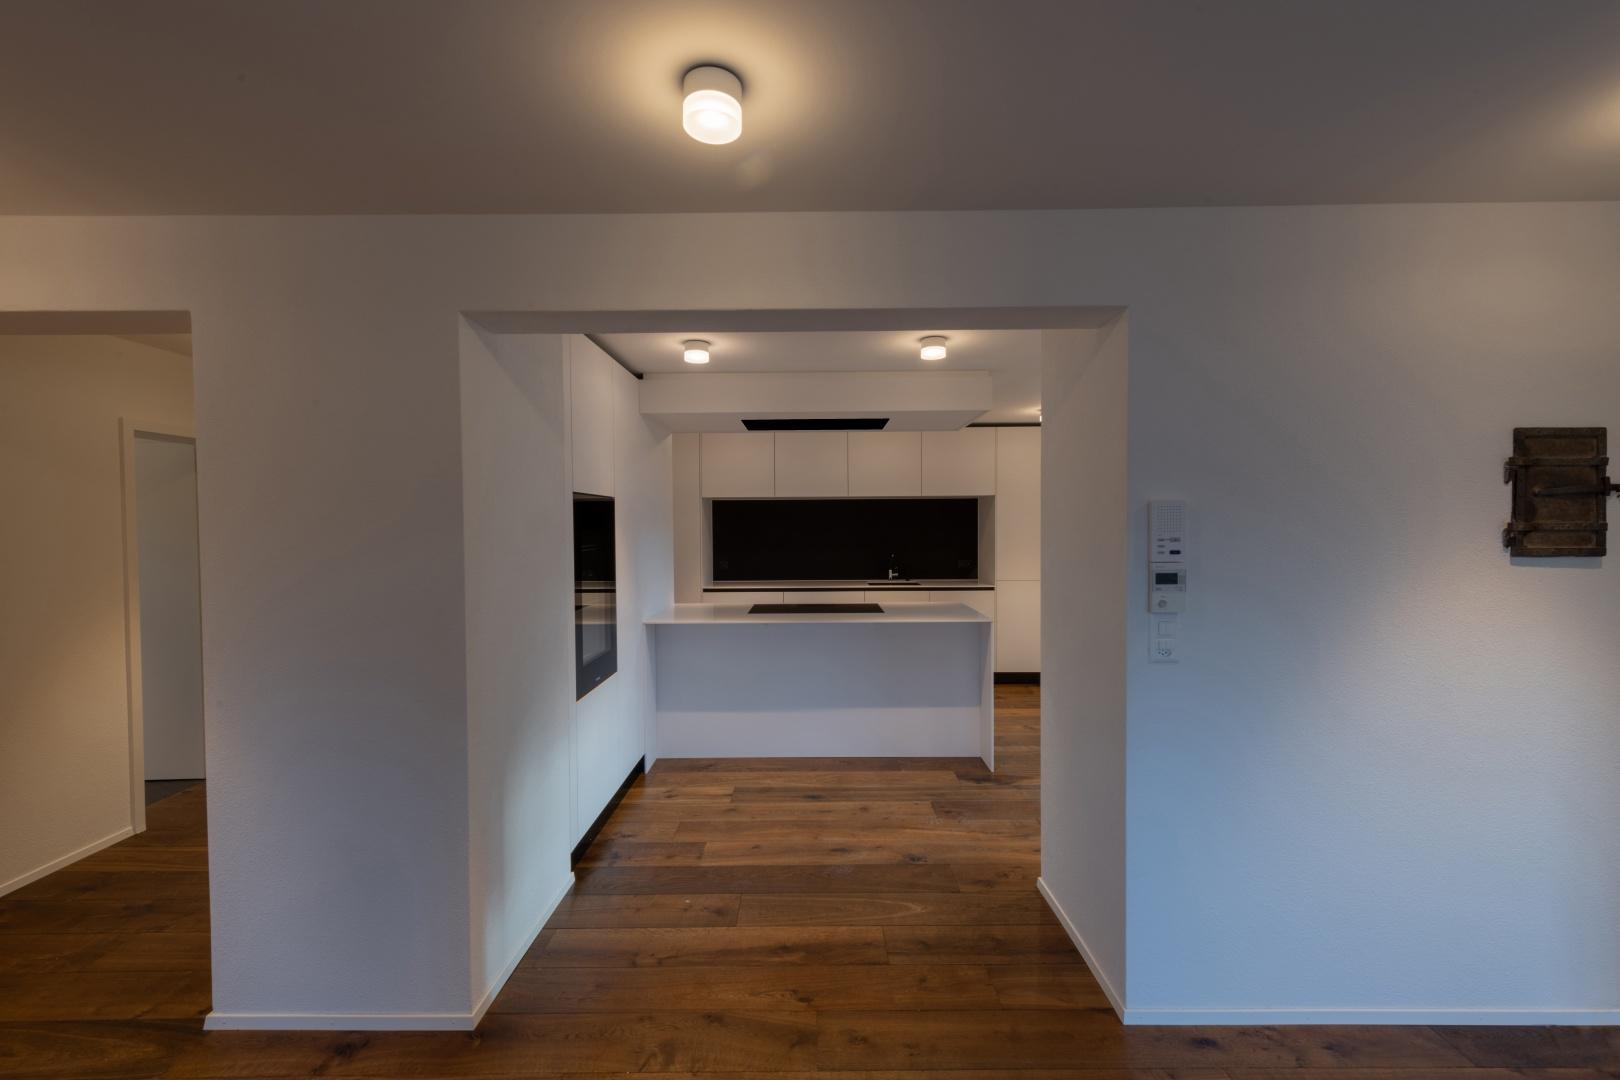 Küche im Obergeschoss © Raumtakt GmbH, Grubenstrasse 25, CH-8045 Zürich